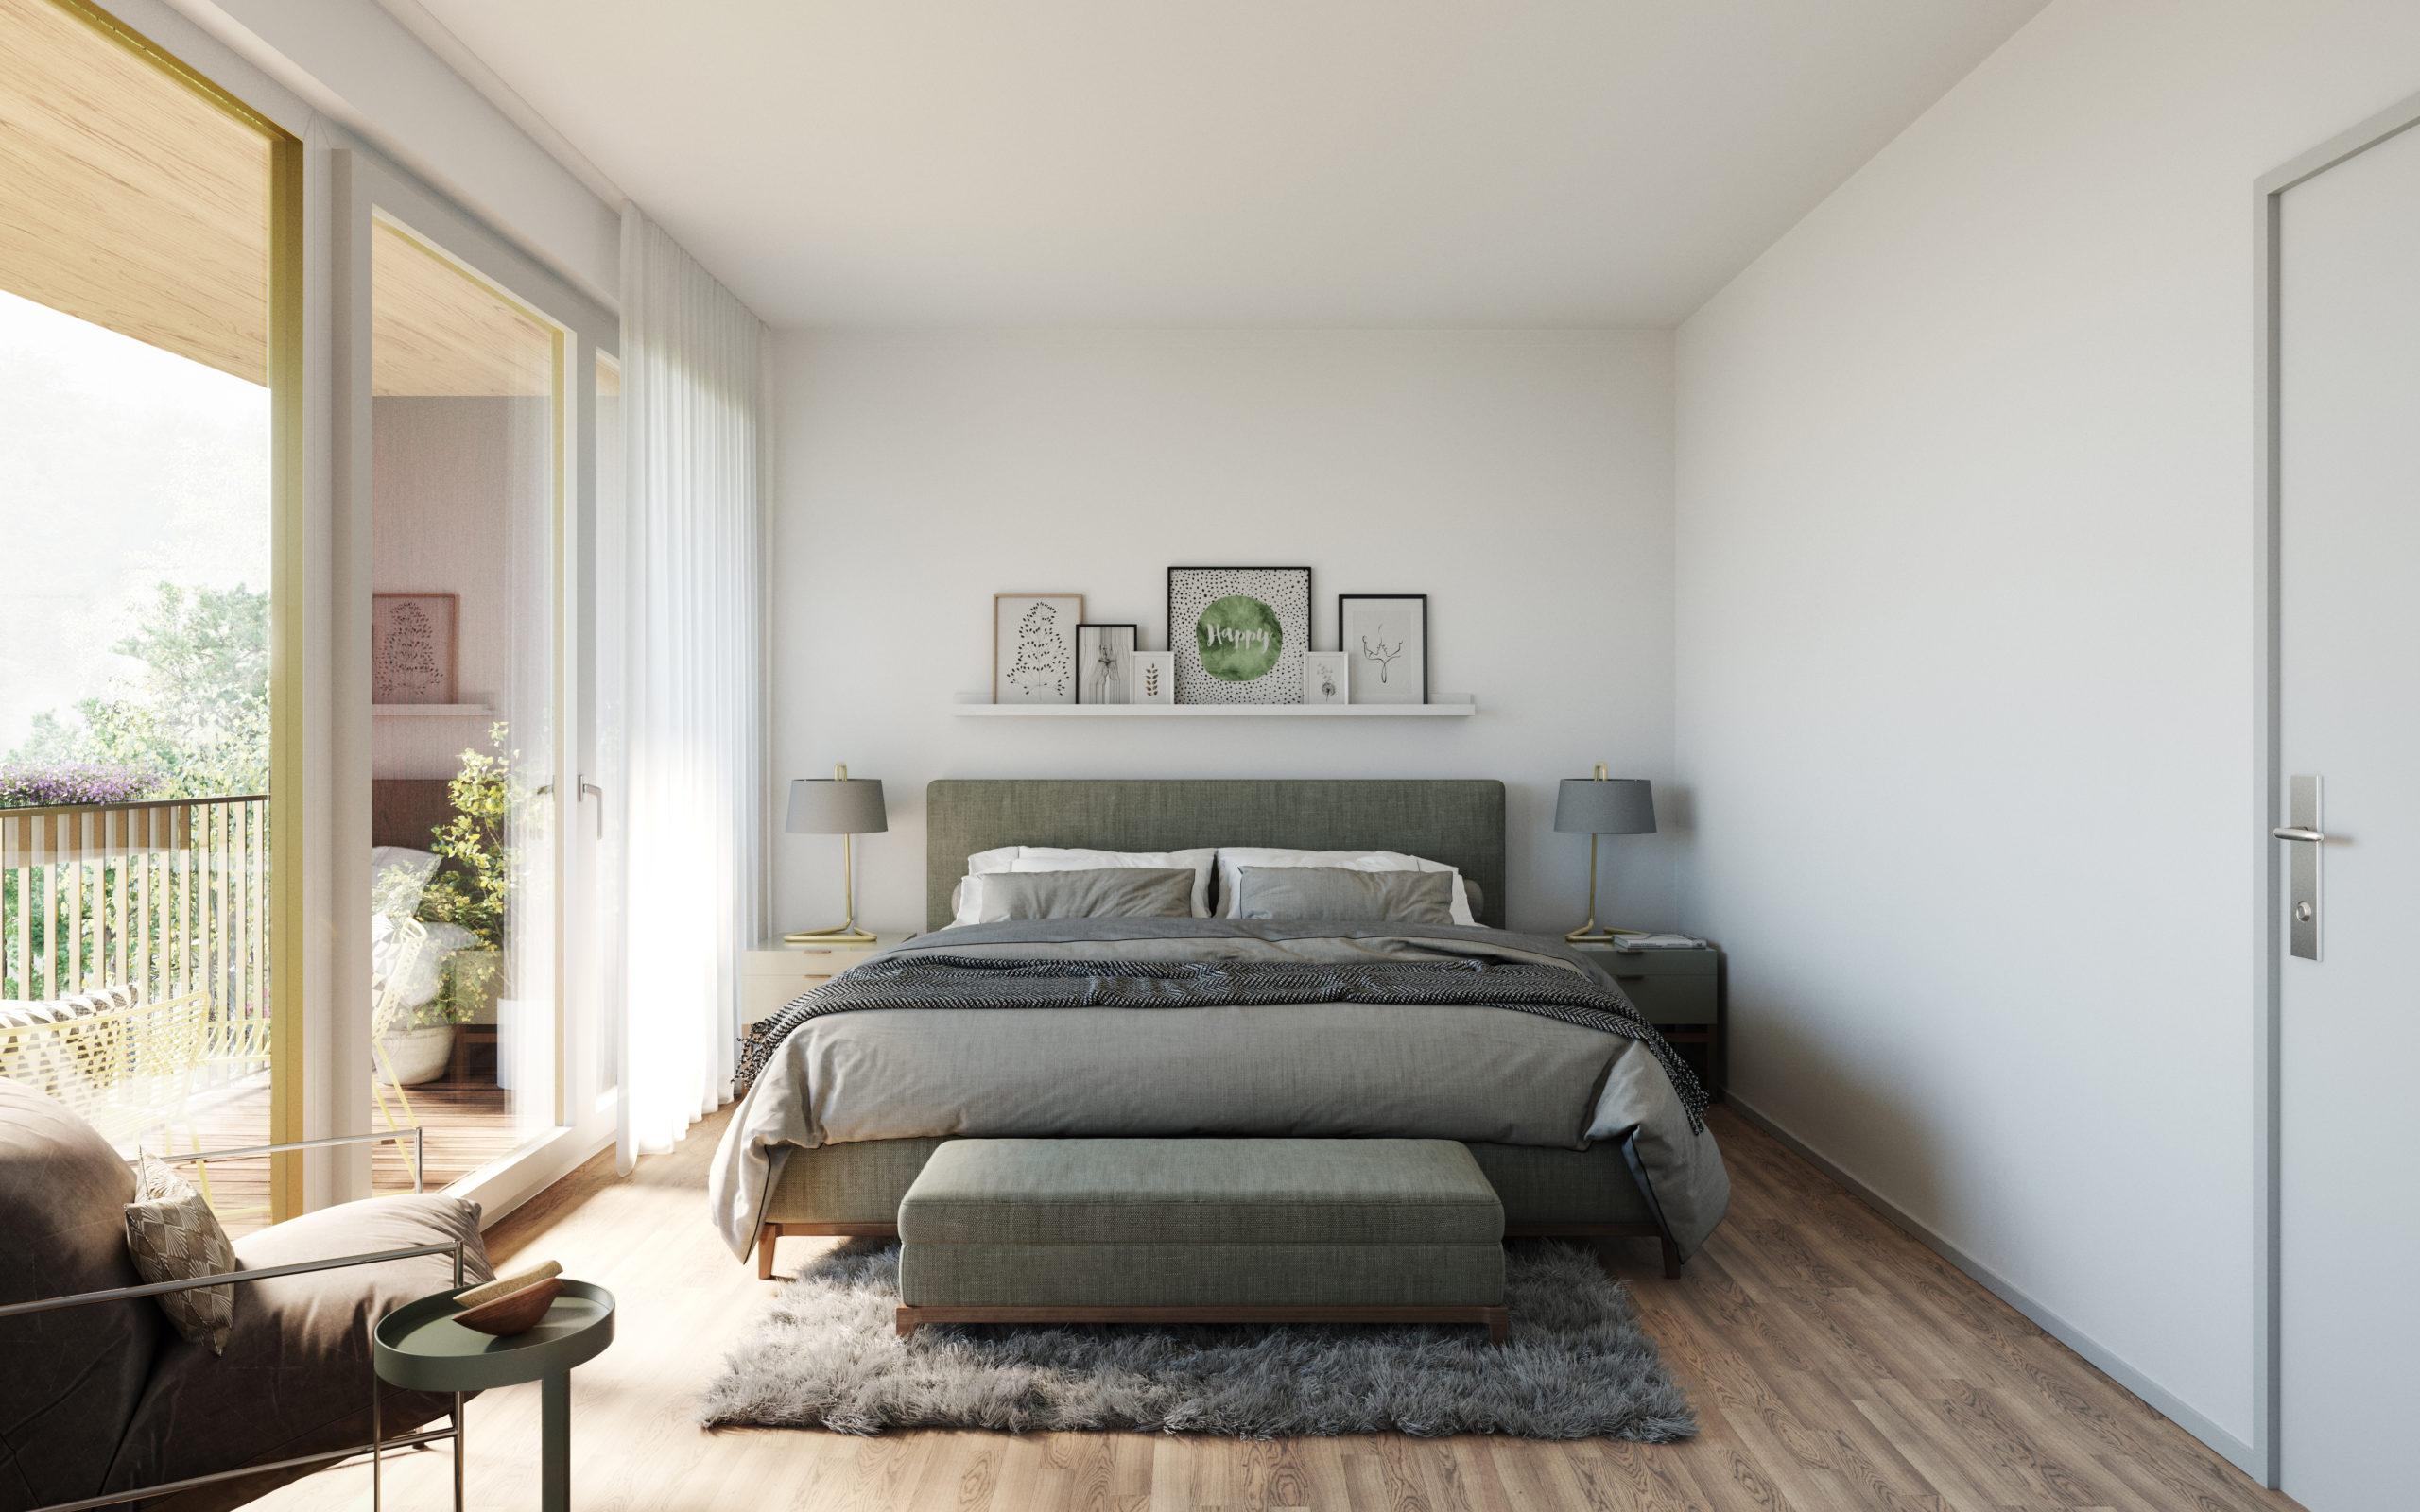 Innenvisualisierung Schlafzimmer